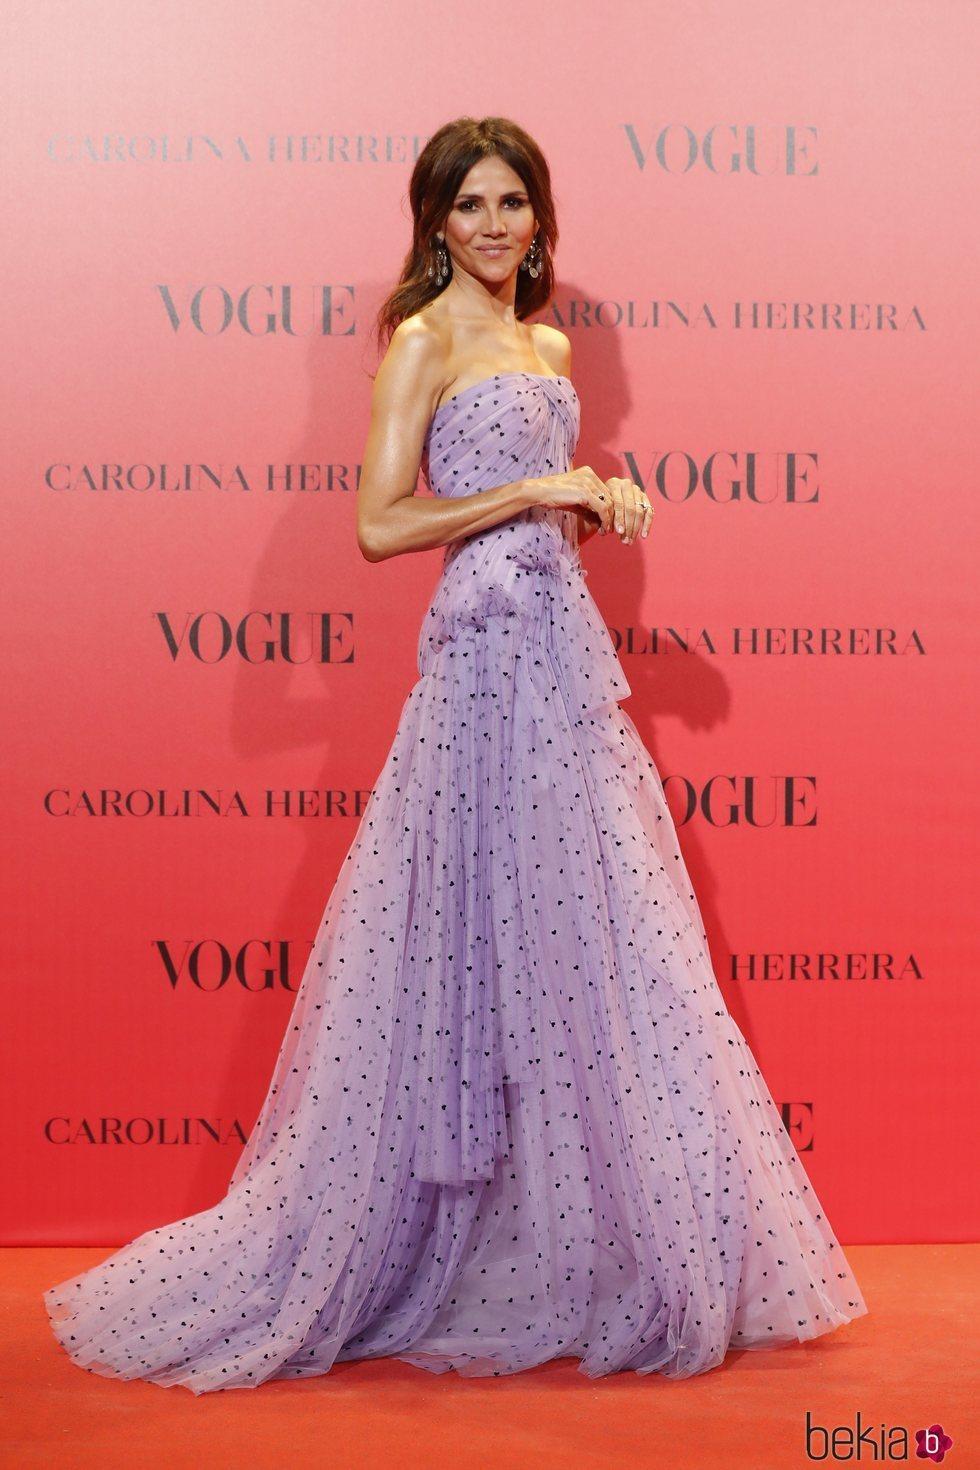 Goya Toledo en la fiesta del 30 aniversario de Vogue